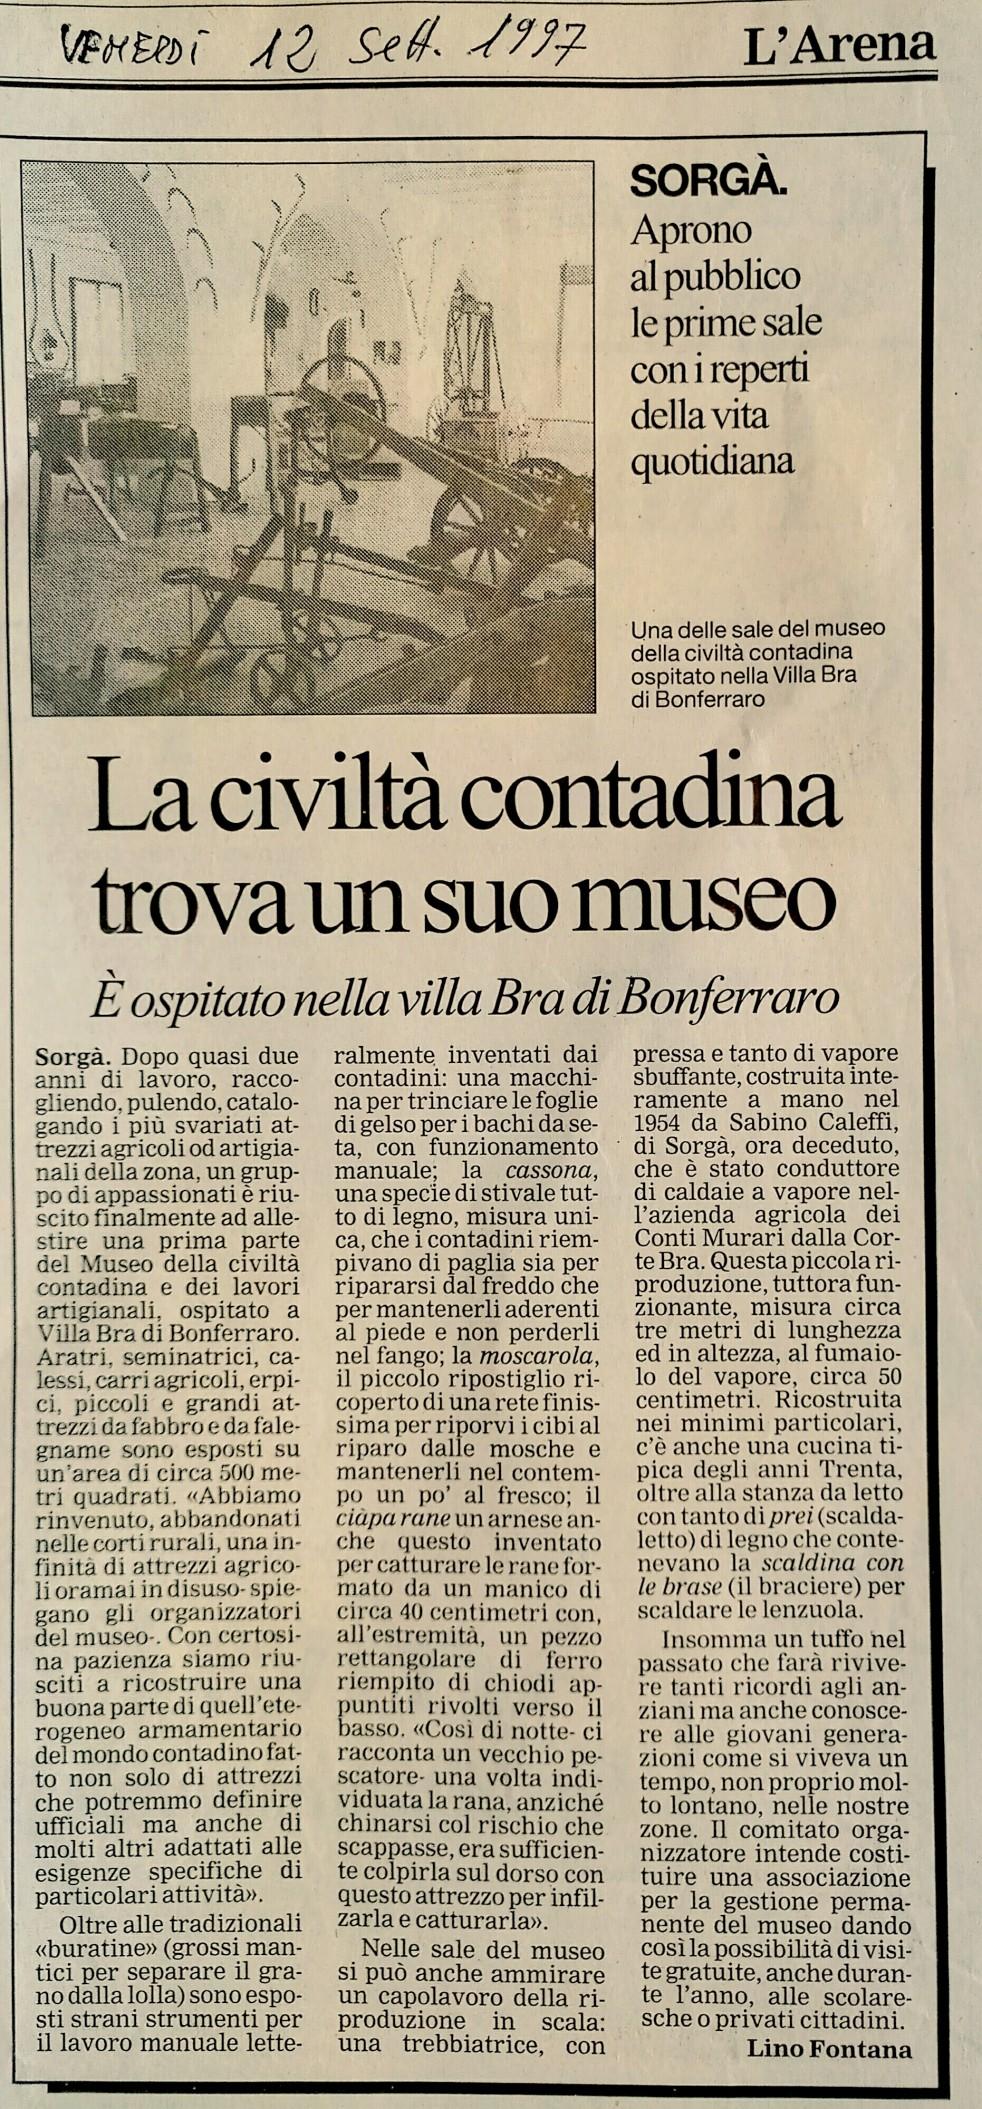 Settembre 1997 su L'Arena